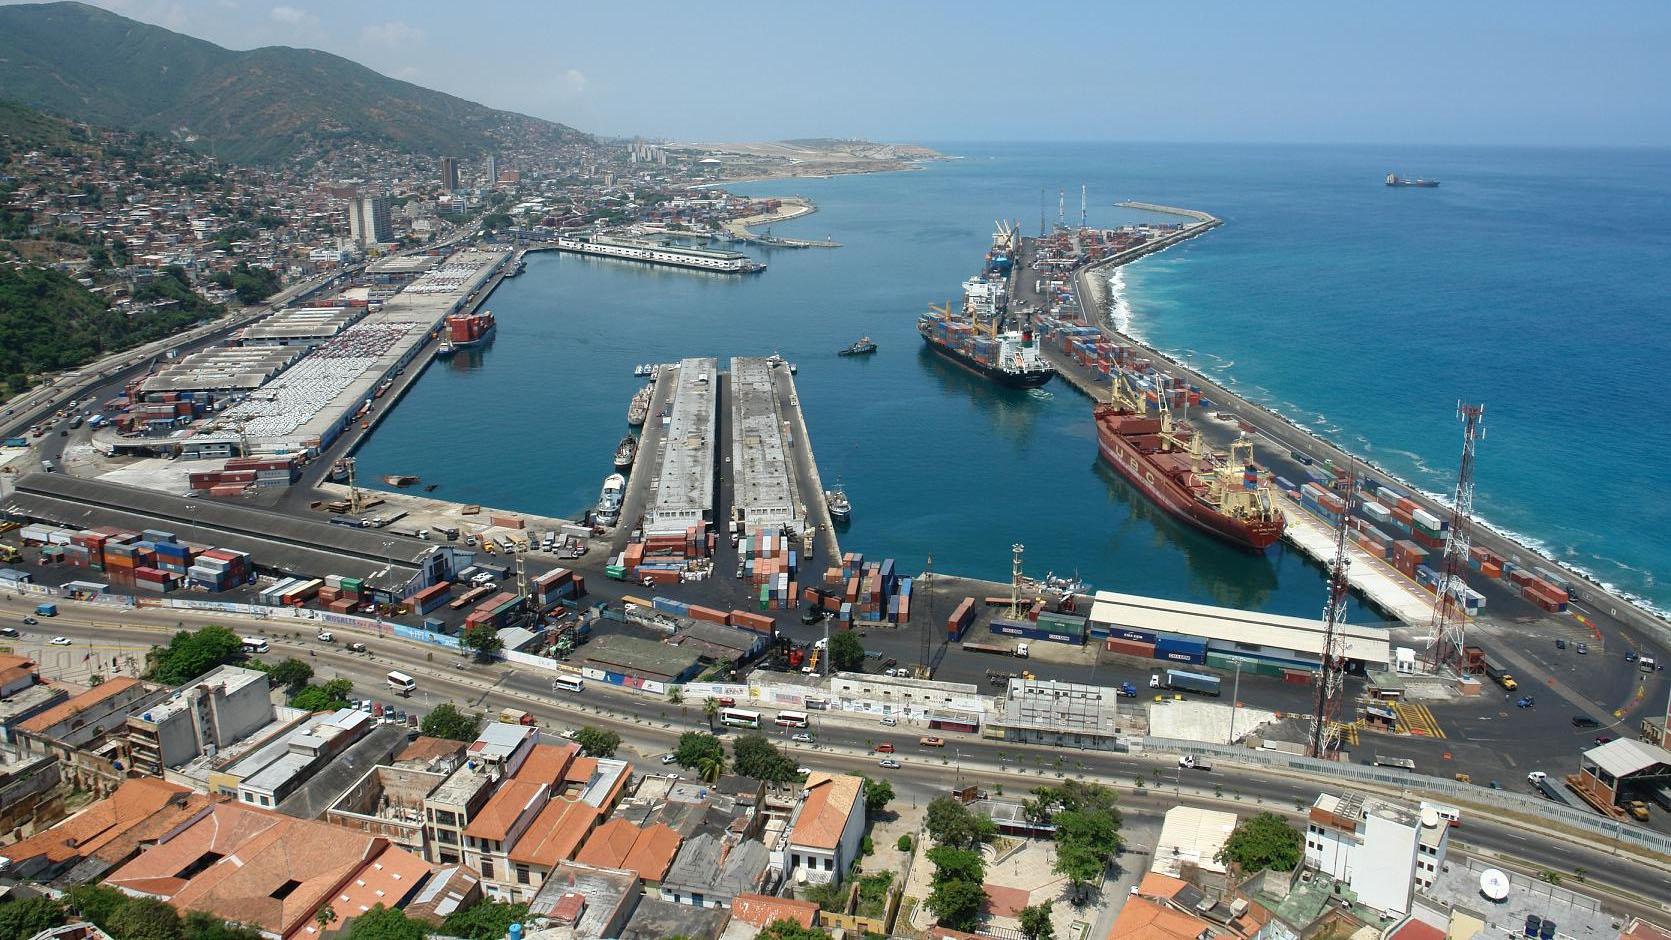 Arriban cinco buques al Puerto de Maracaibo